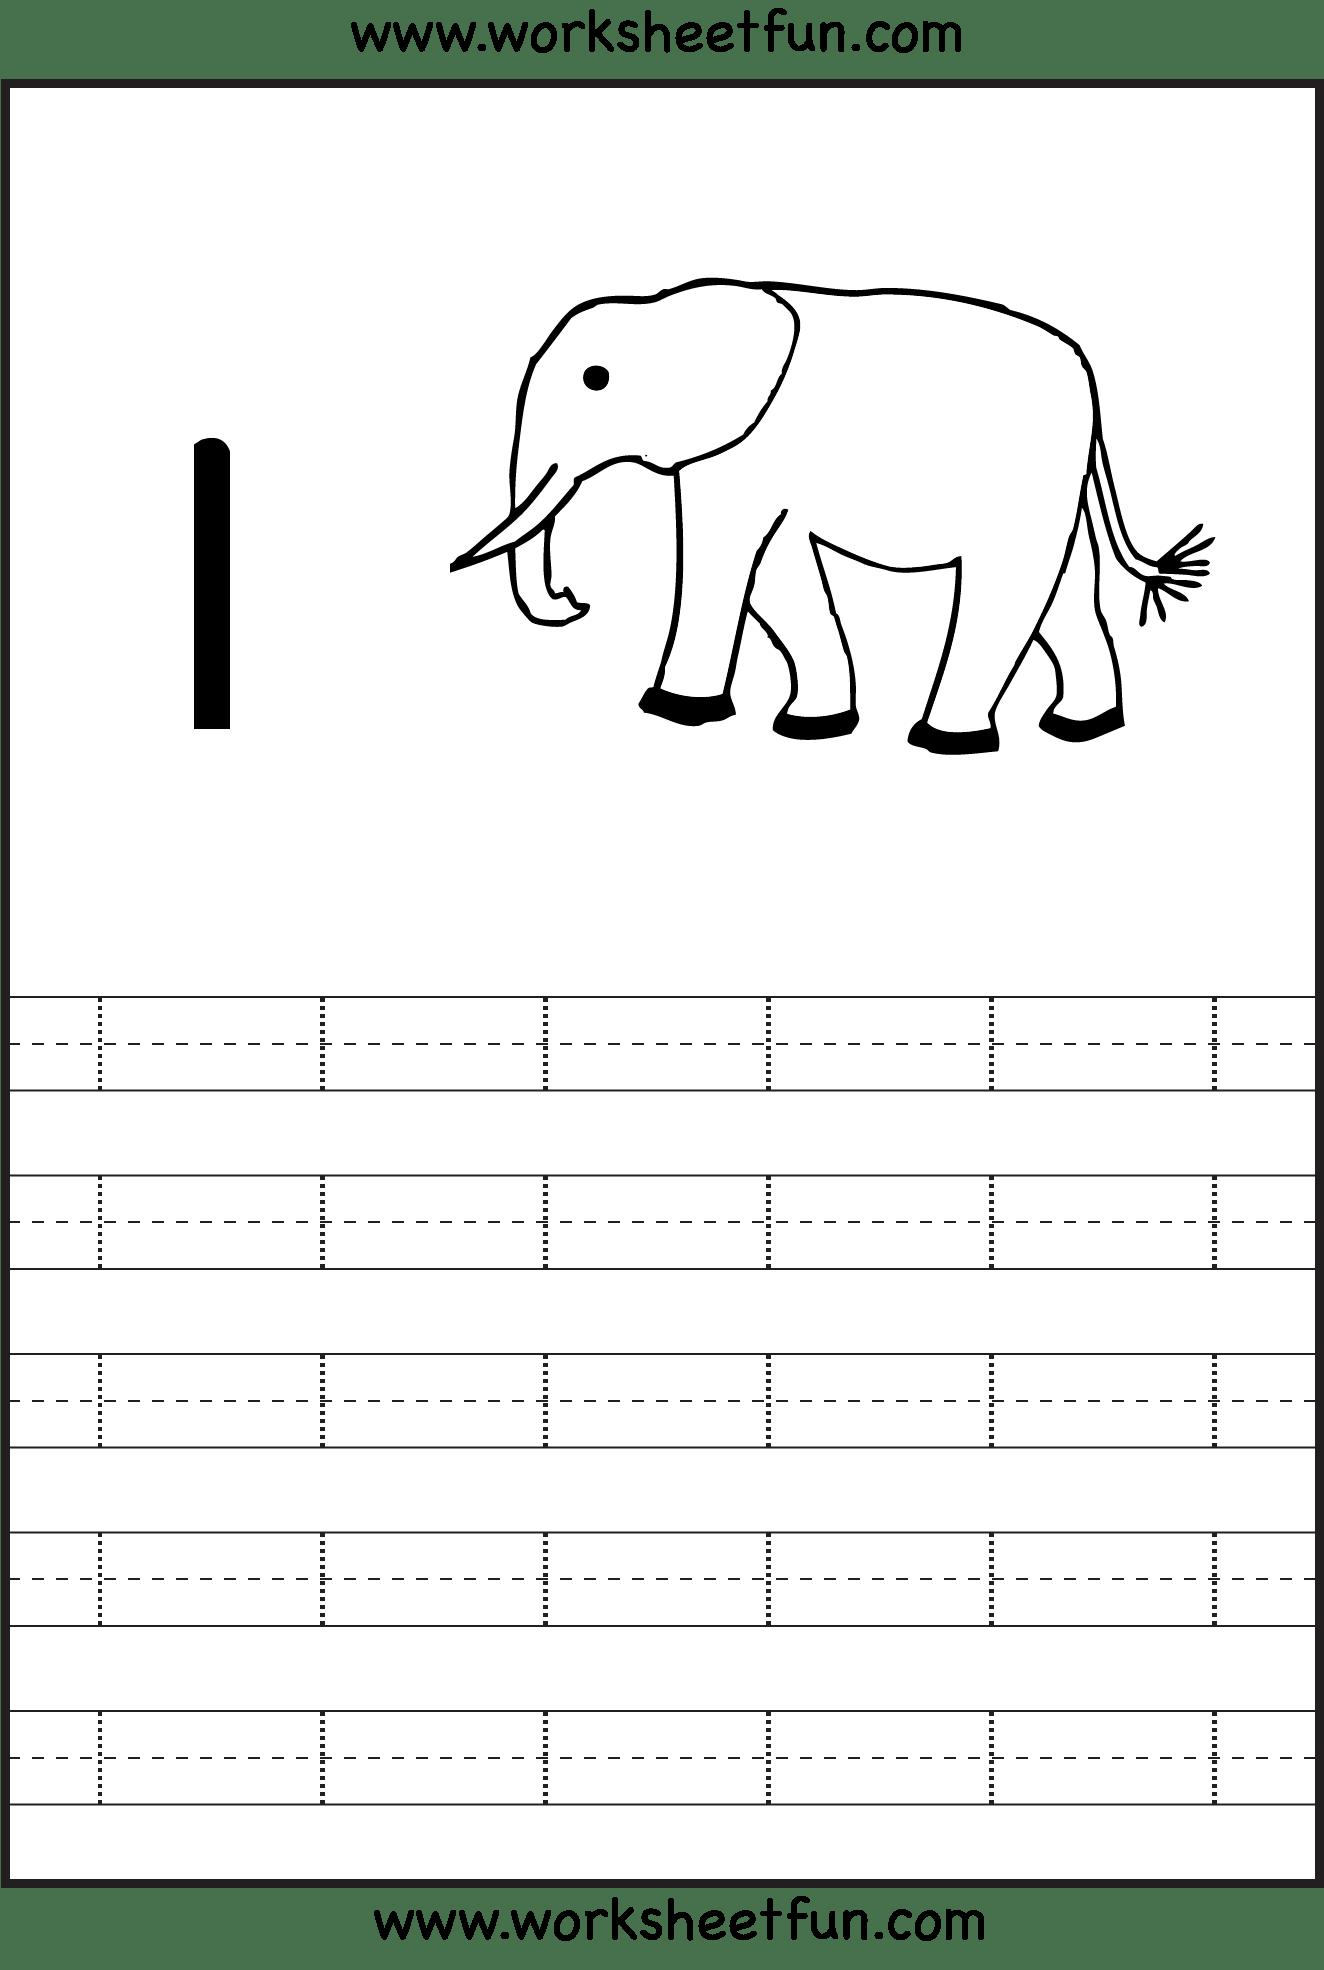 Number Tracing Worksheets For Kindergarten 110  Ten Worksheets  Free Printable Worksheets